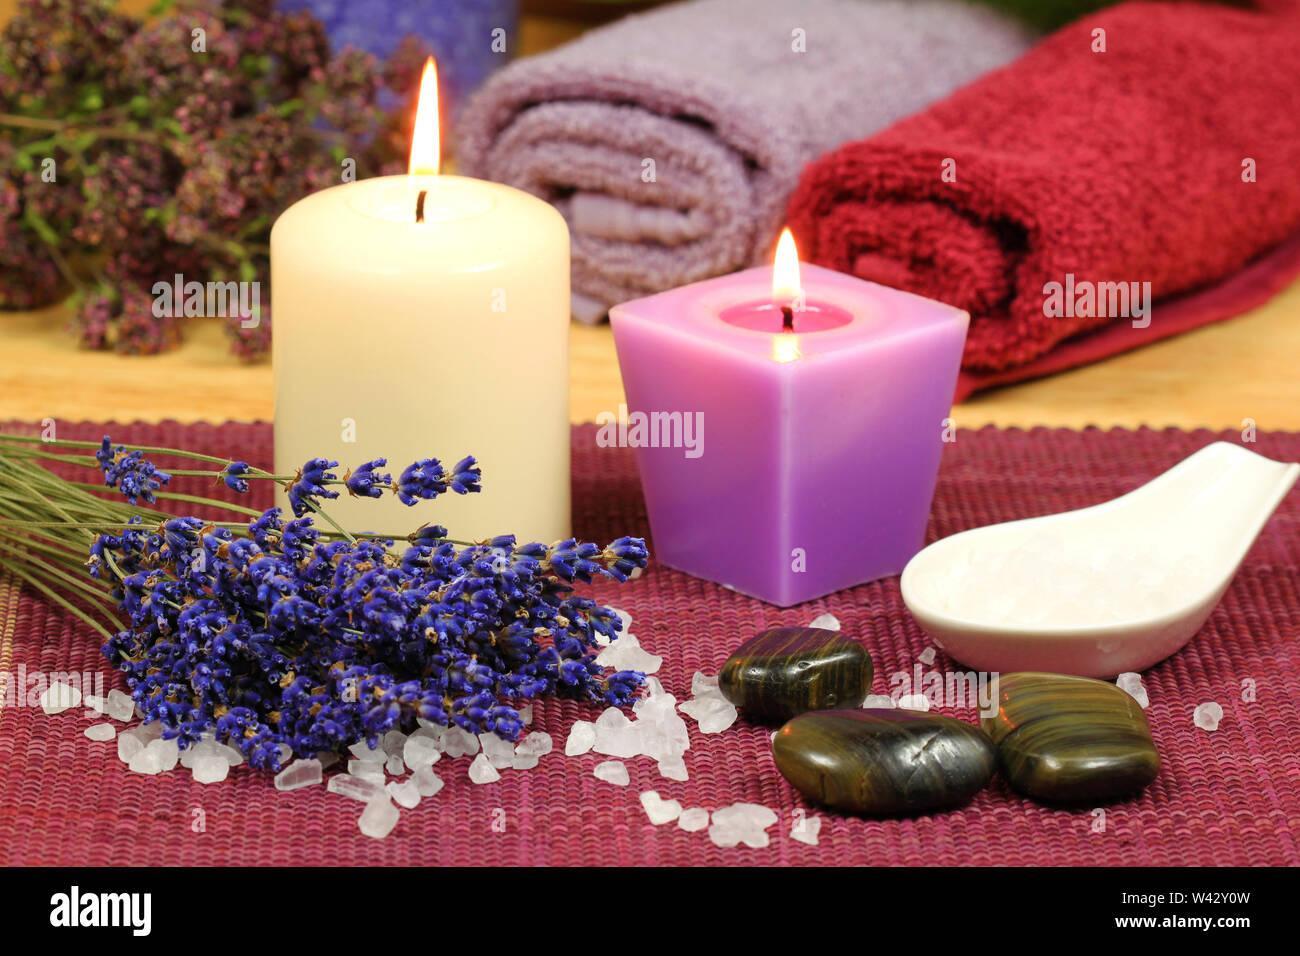 Composition de la lavande séchée, seasalt et massage pierres avec des bougies allumées. Still Life Spa Photo Stock